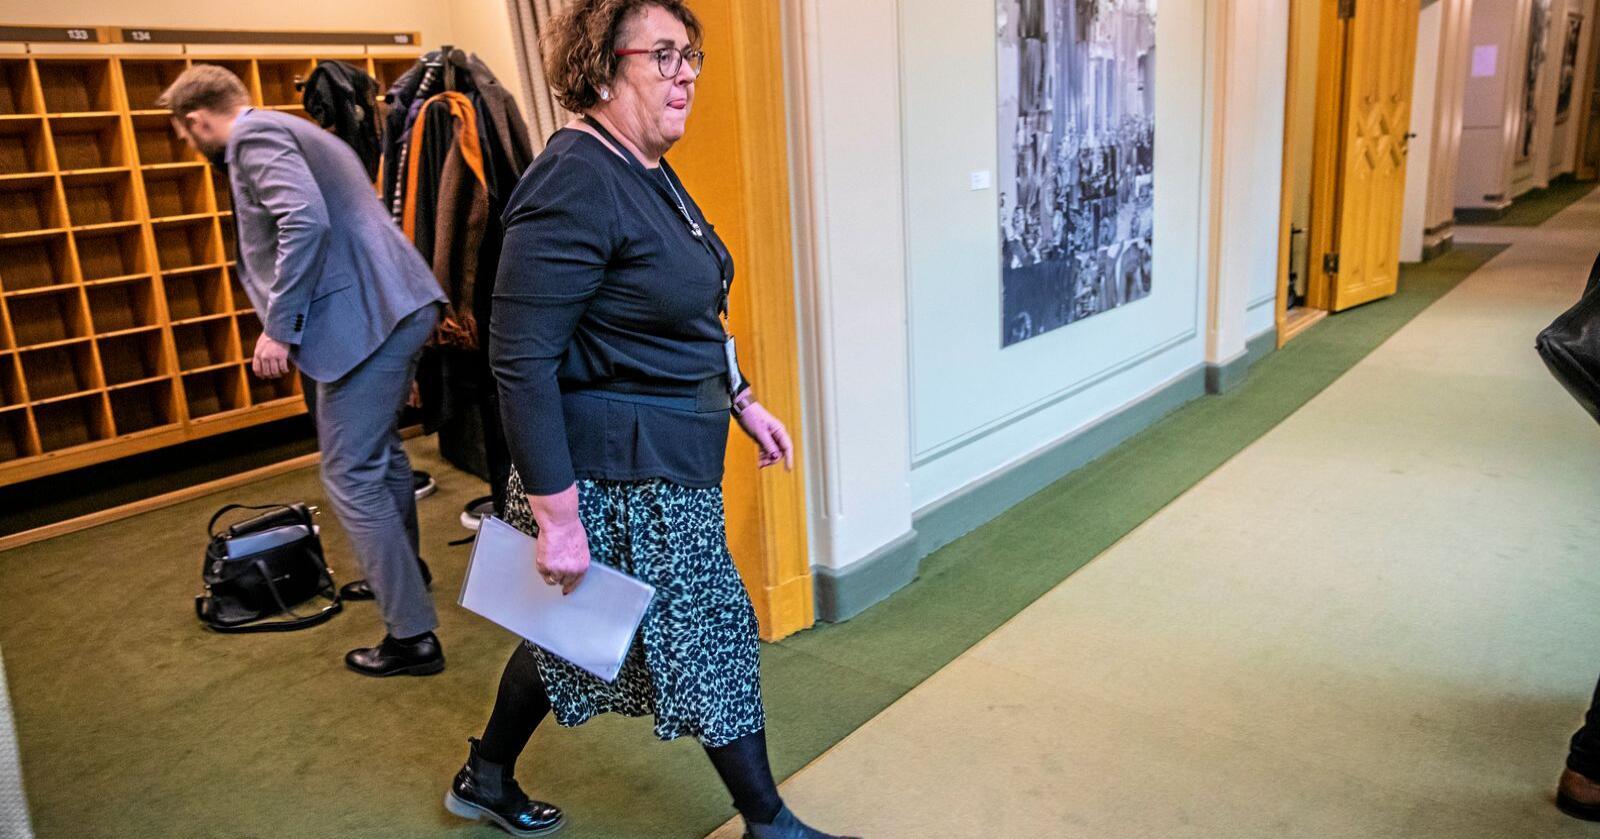 Tar affære: Landbruksminister Olaug Bollestad (KrF) krever endringer i erstatningsordningen for svineprodusenter med LA-MRSA i svinehuset. Foto: Stian Lysberg Solum/NTB scanpix